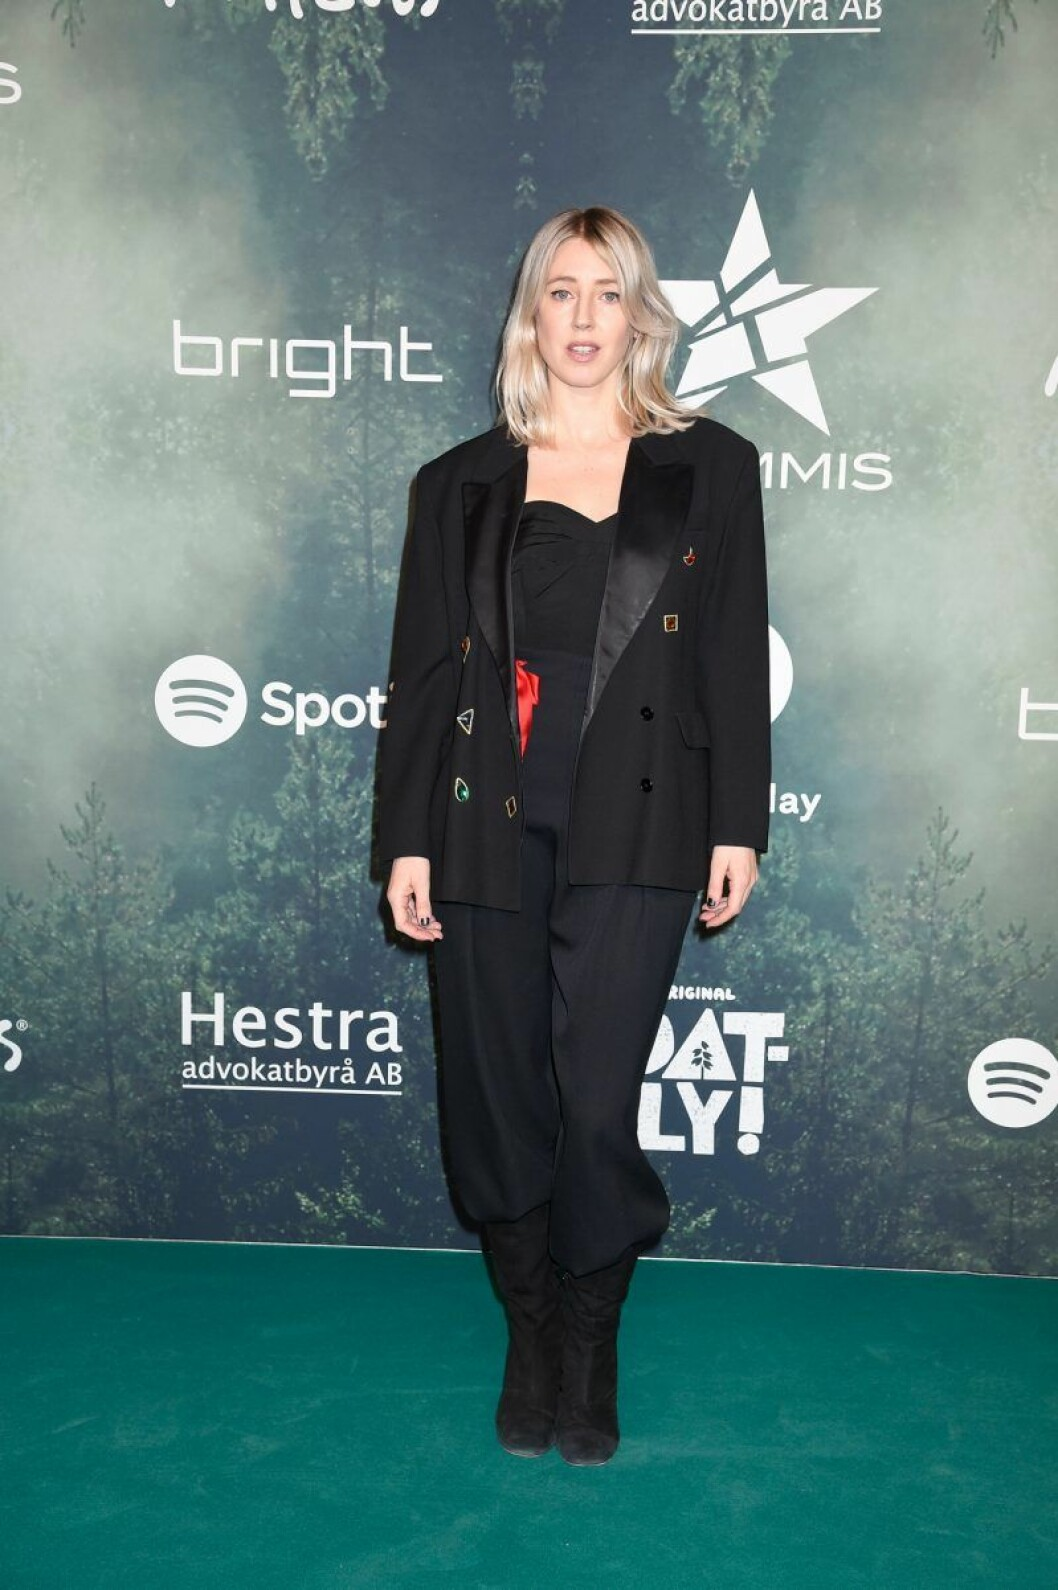 Veronica Maggio på röda mattan på Grammisgalan 2020